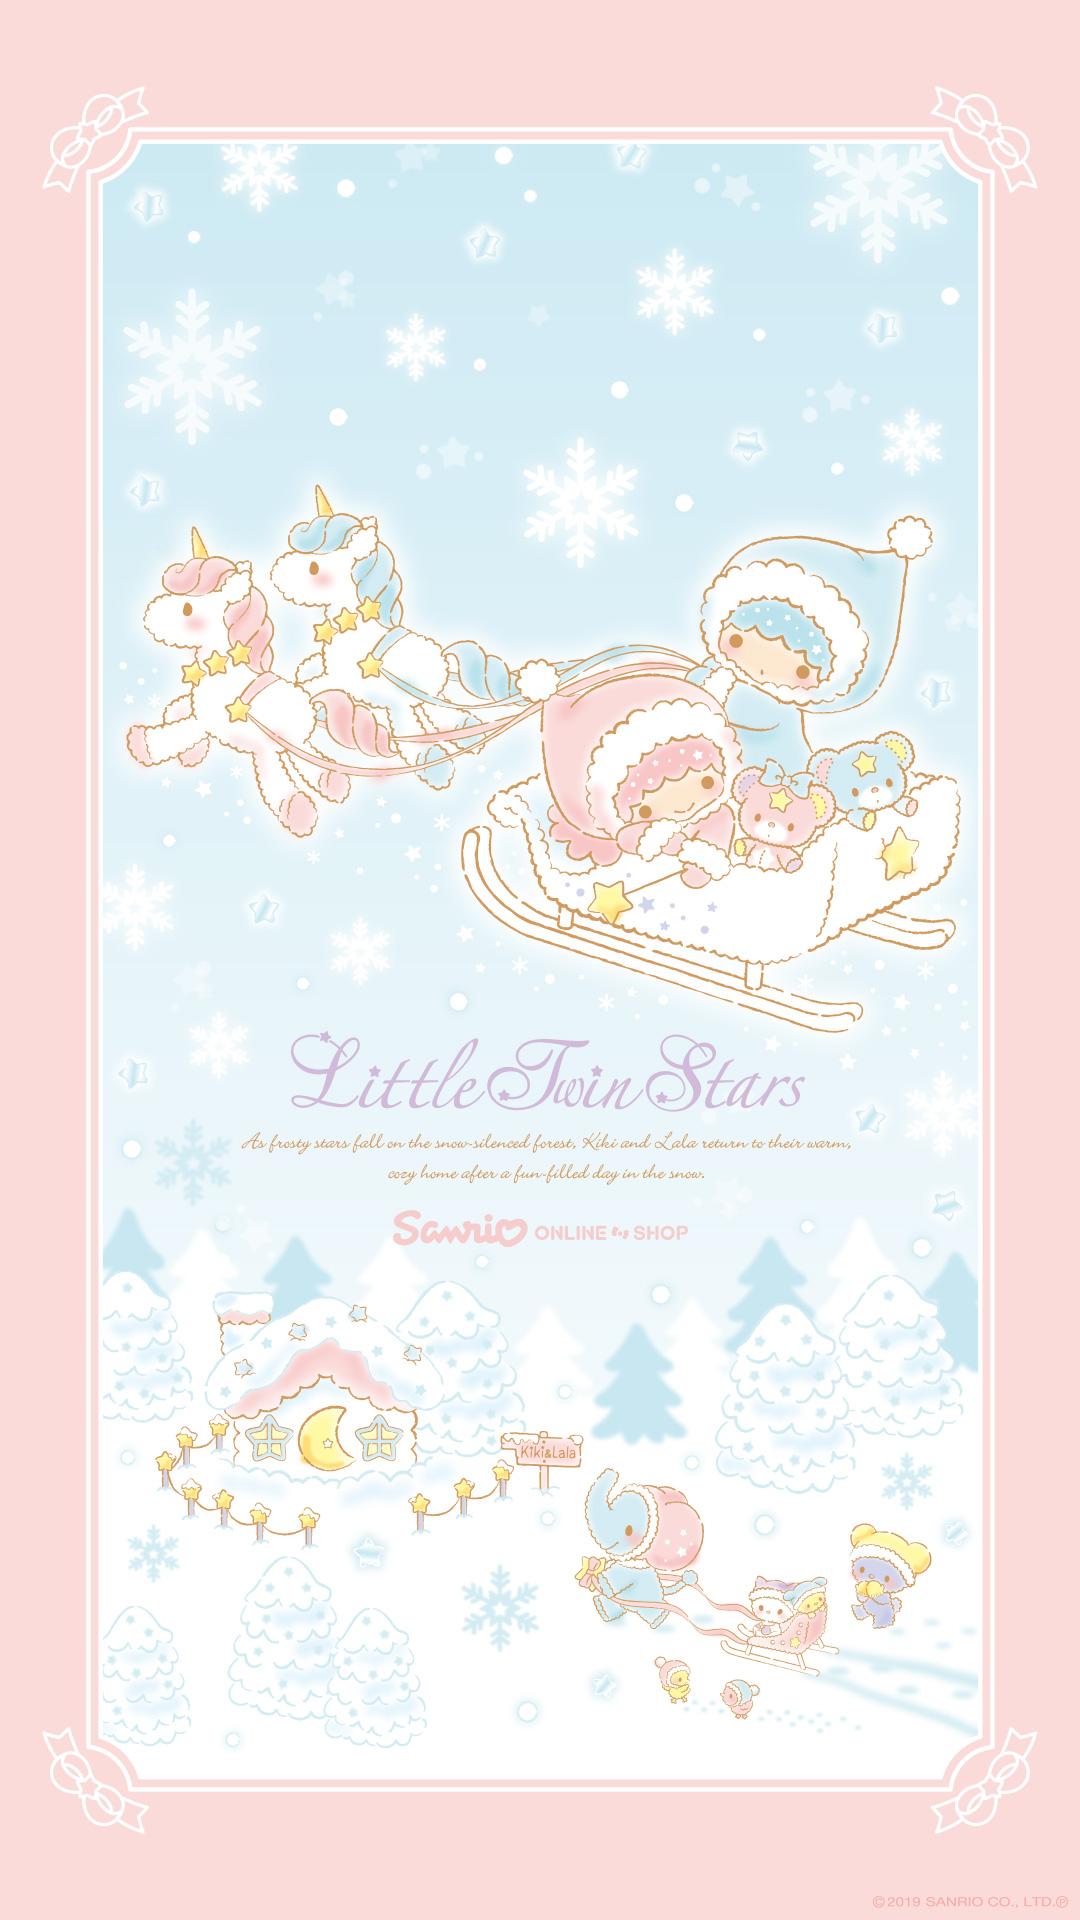 Sanrio Christmas 2019